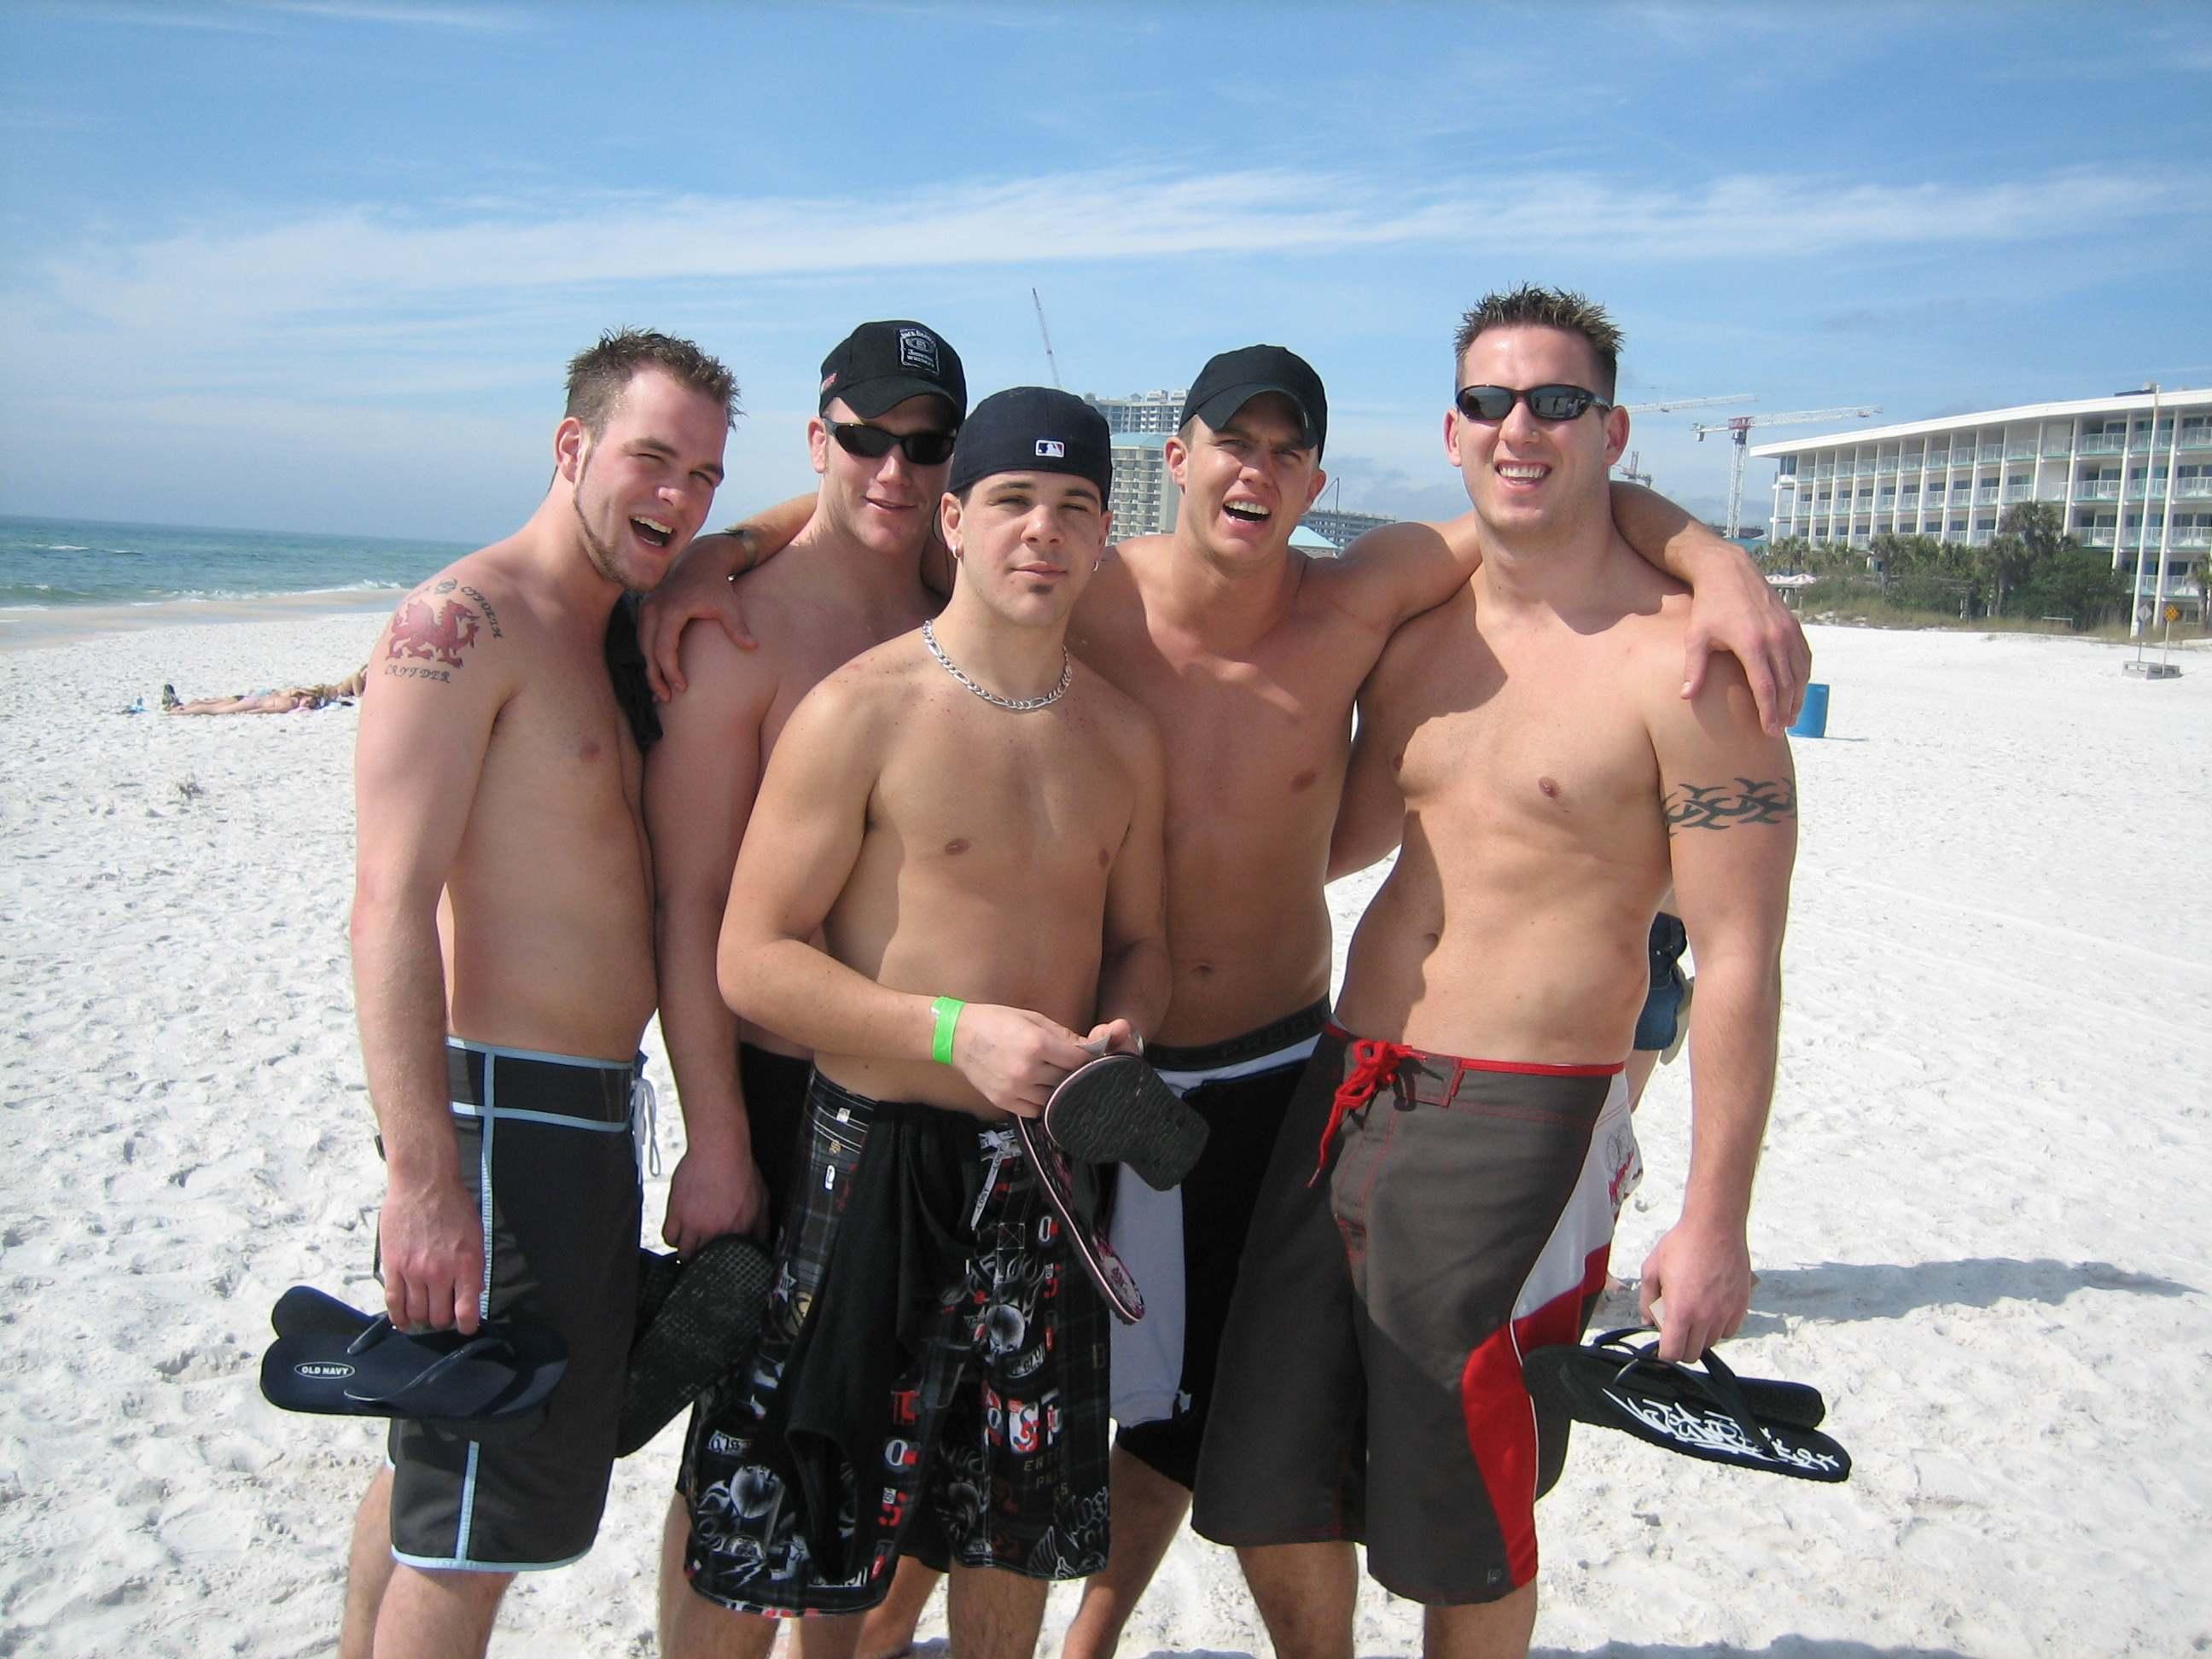 naked men on spring break